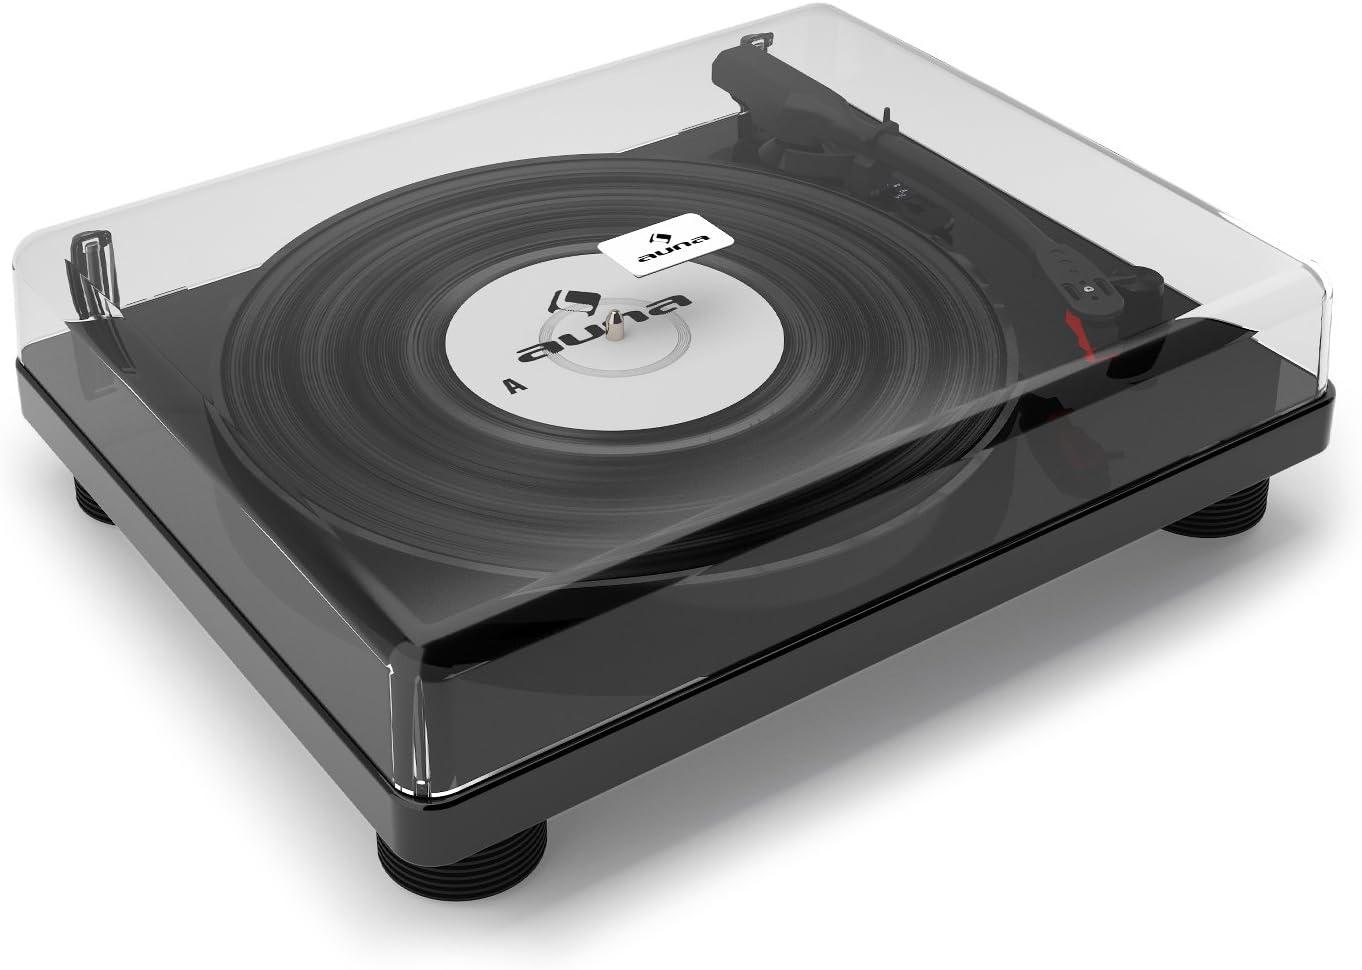 auna TT-Classic BK Tocadiscos • Reproductor de vinilos • Accionamiento por correa • Reproductor puerto USB • Digitalizar